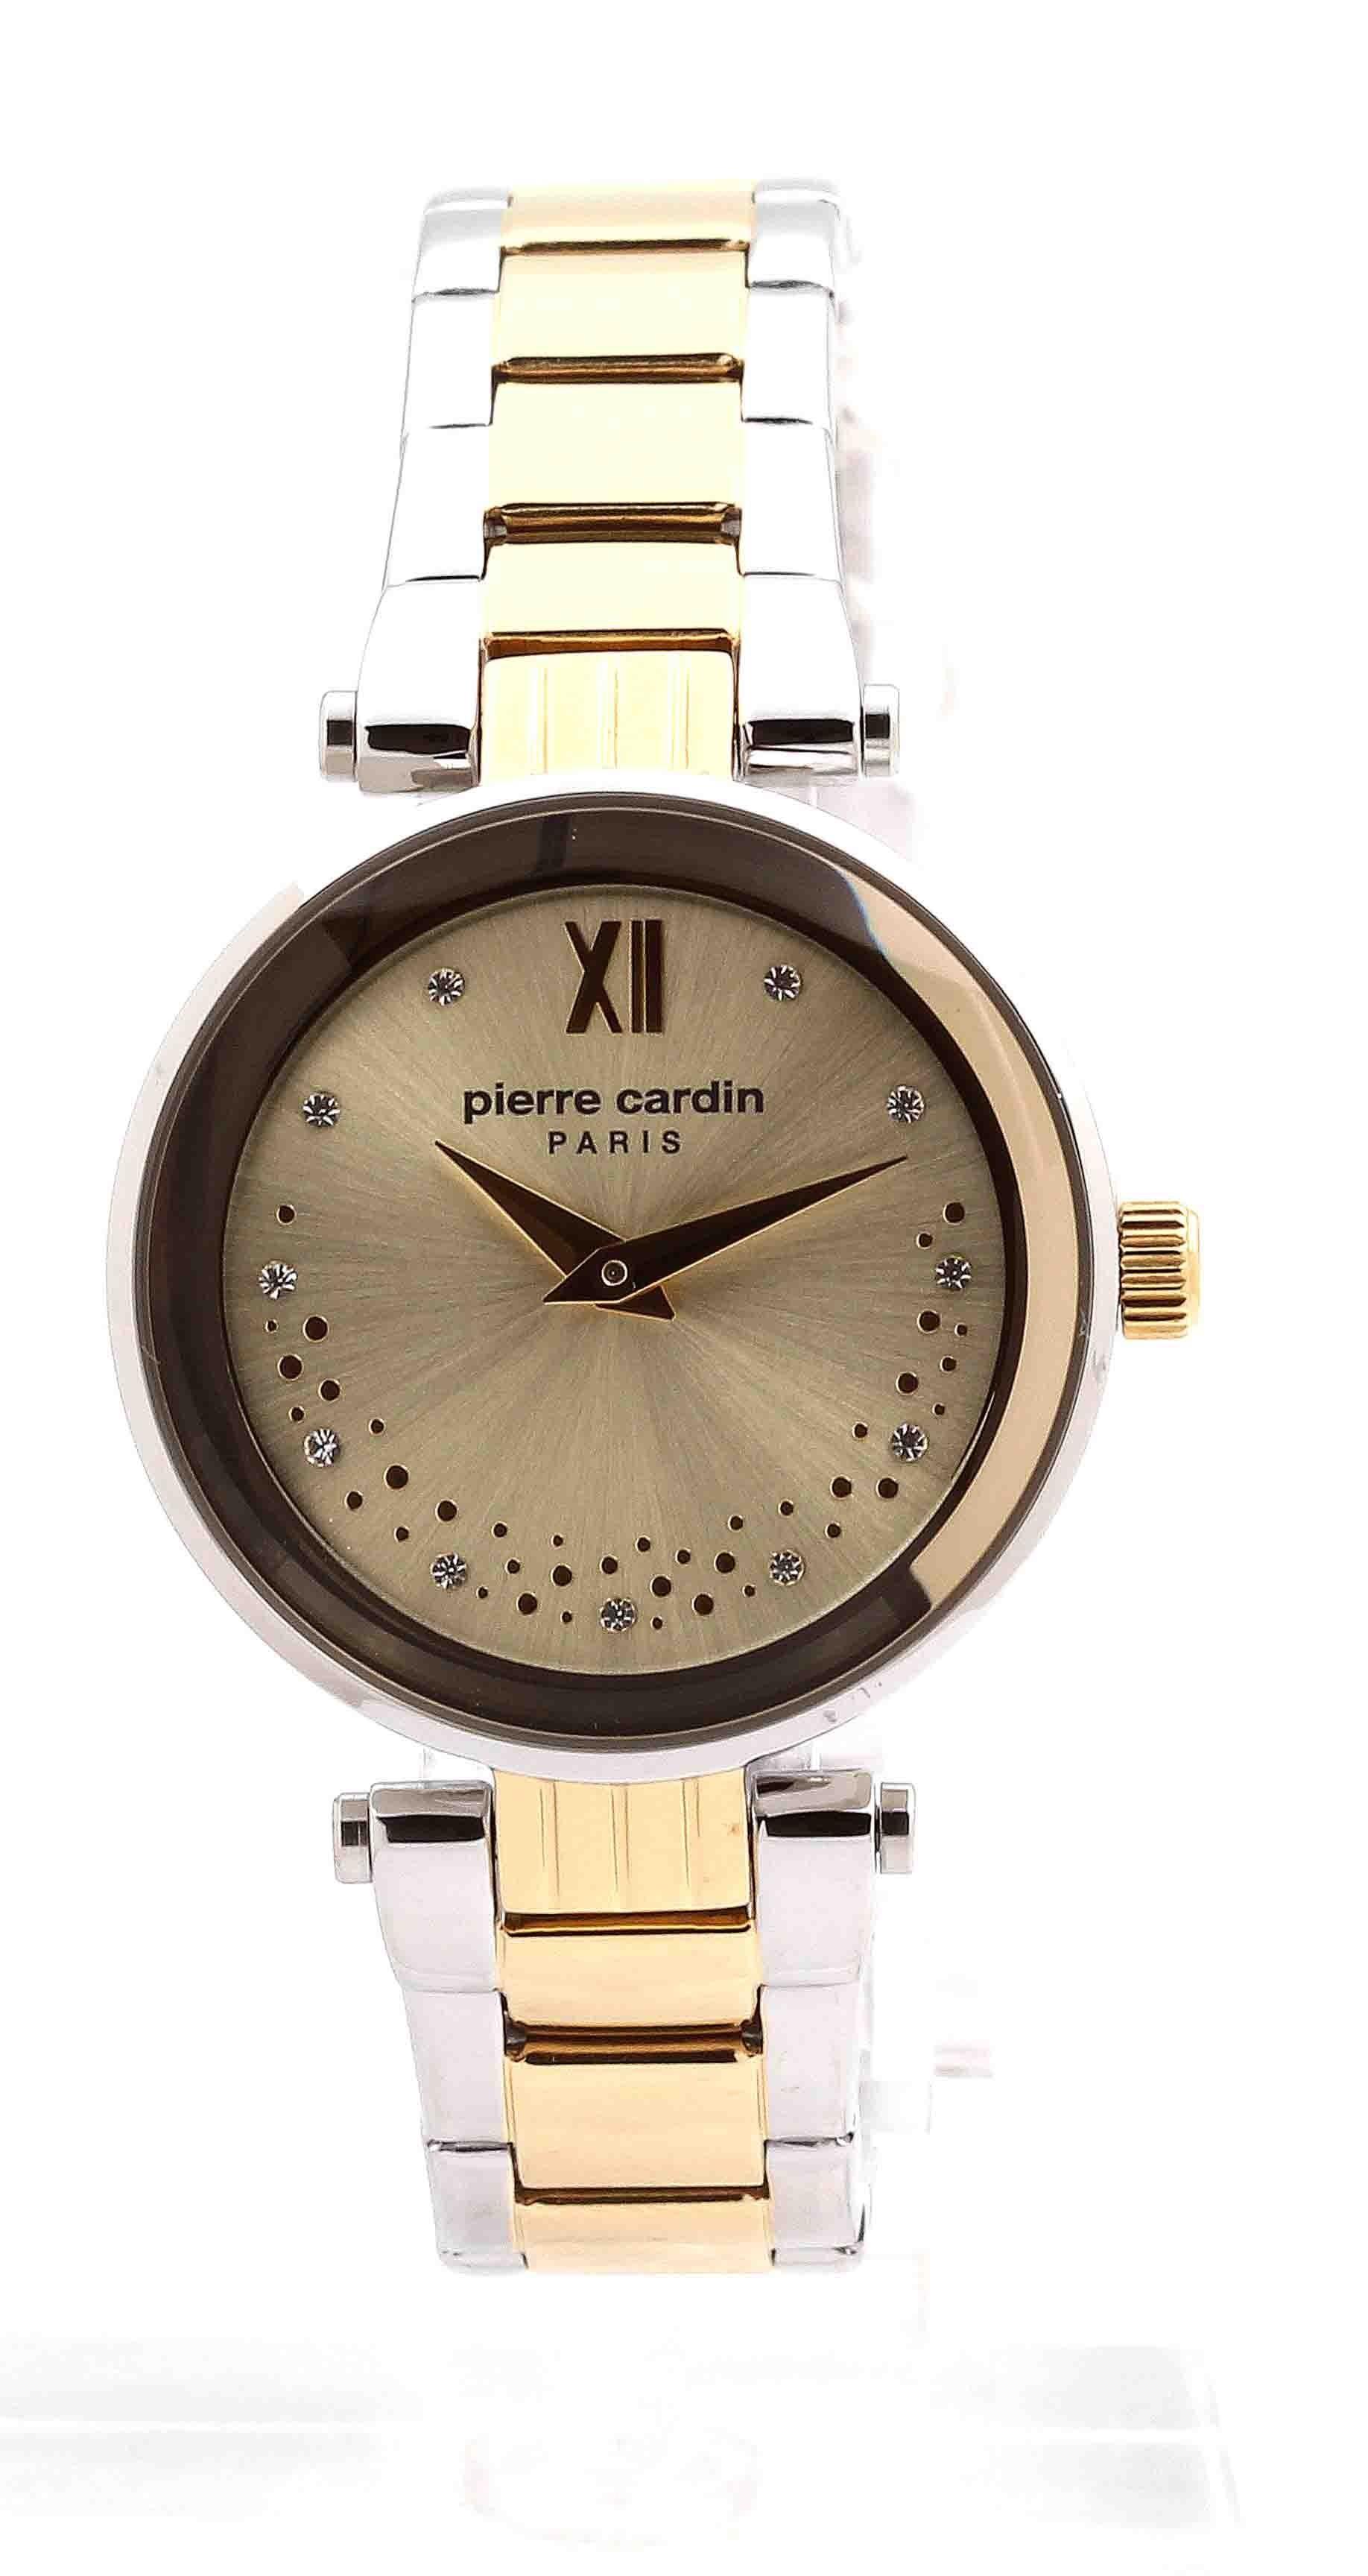 acheter et vendre authentique montre pierre cardin femme